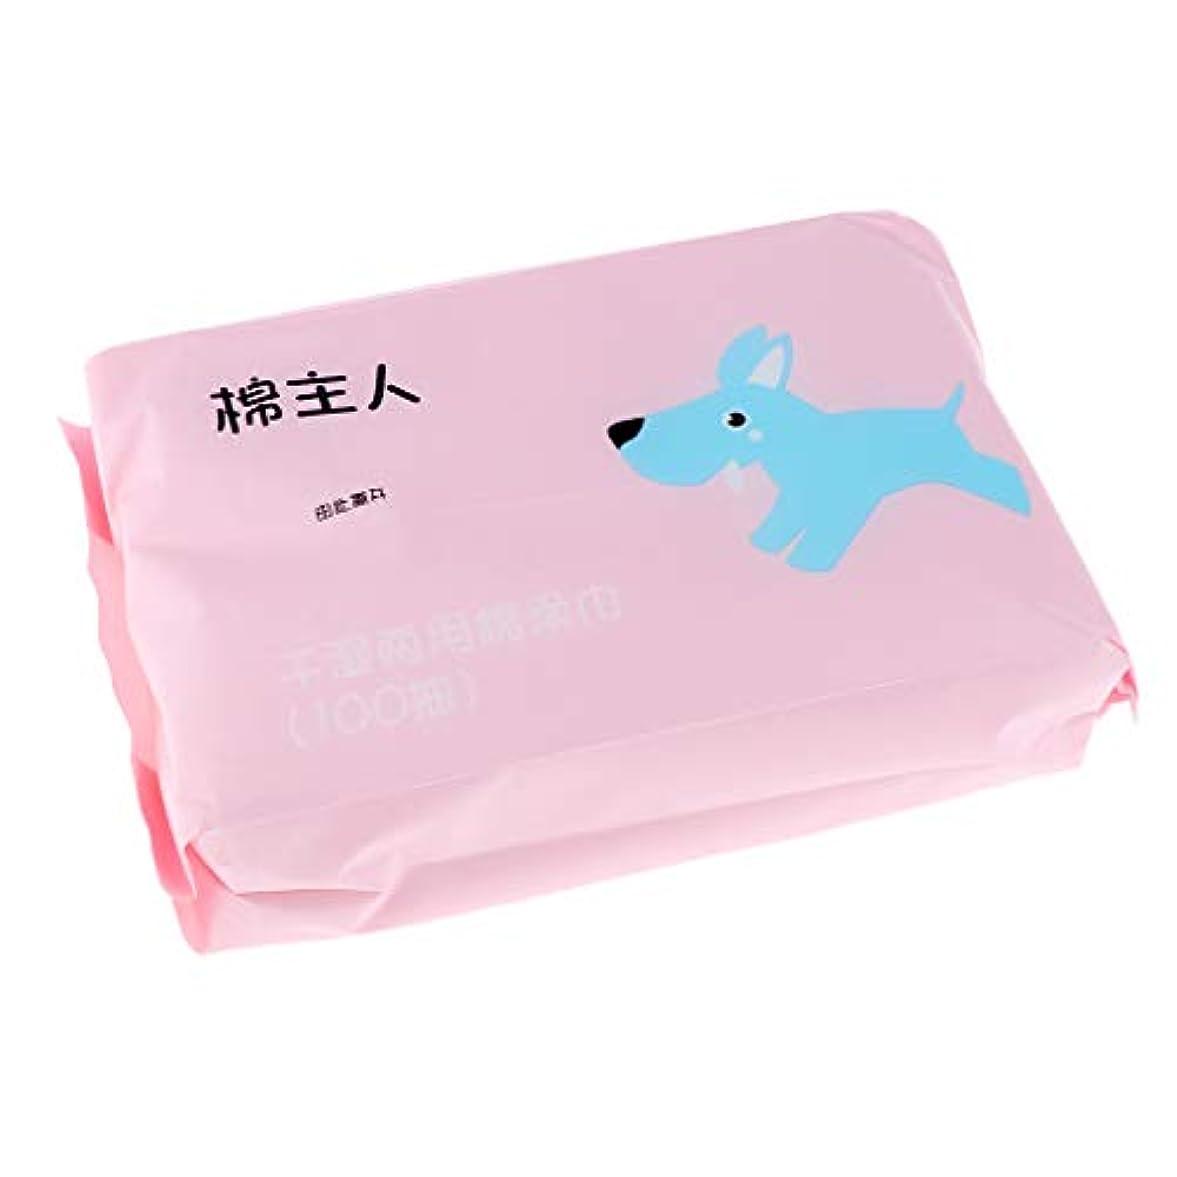 ひねり反響するトランスペアレント約100枚 使い捨て クレンジングシート ソフト 2色選べ - ピンク